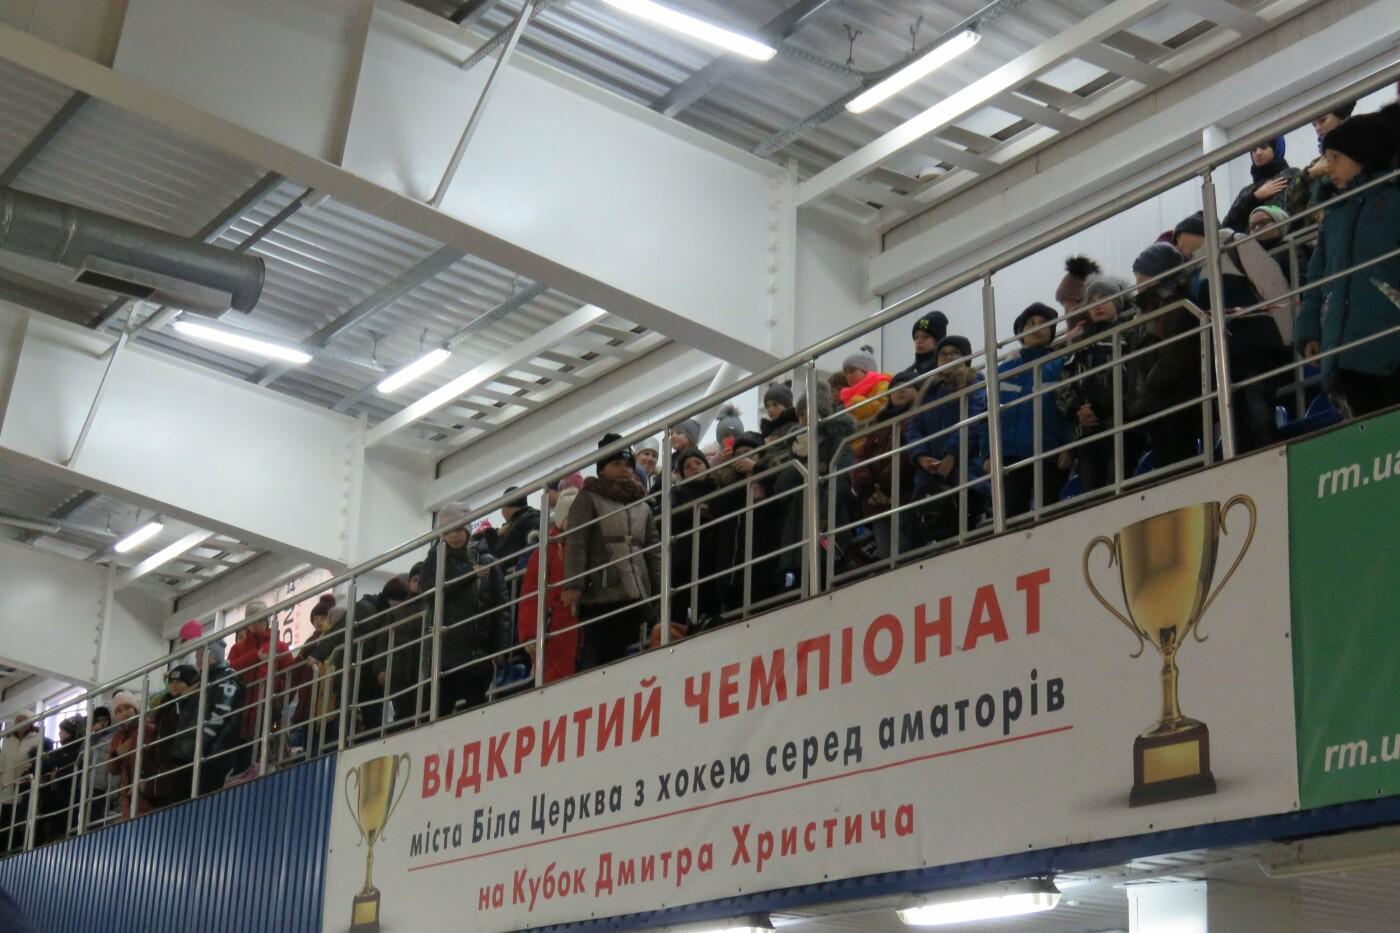 Відбулось нагородження переможців конкурсу малюнків «Зимовий спорт в м. Біла Церква», фото-6